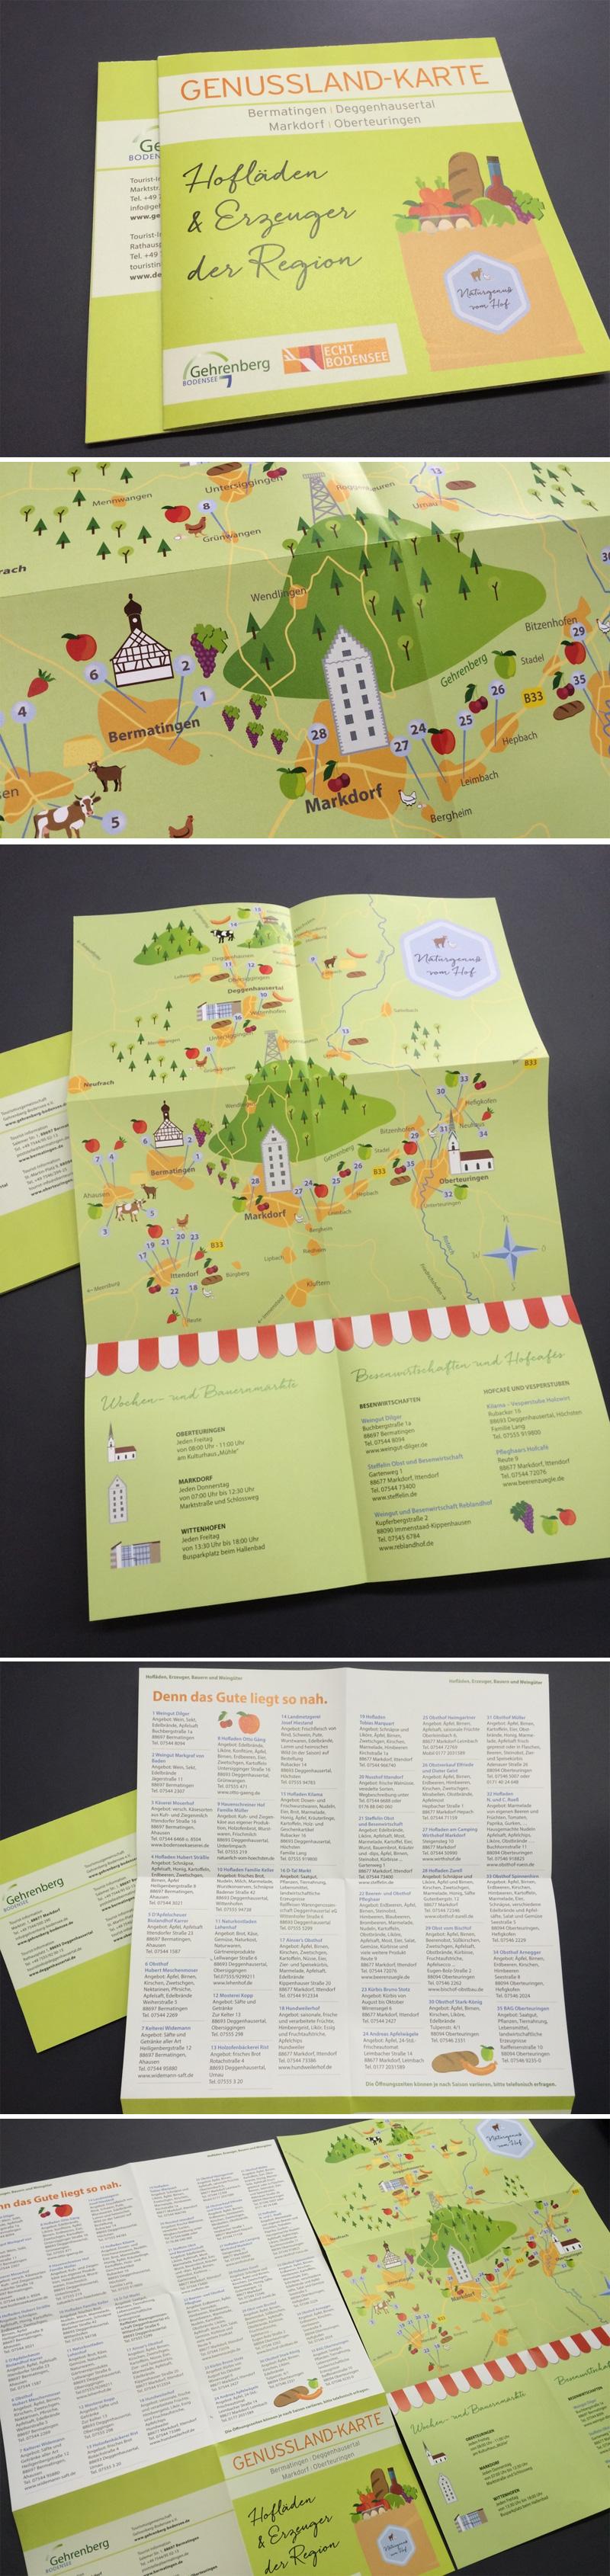 referenz-tourismusgemeinschaft-gehrenberg-genussland-karte